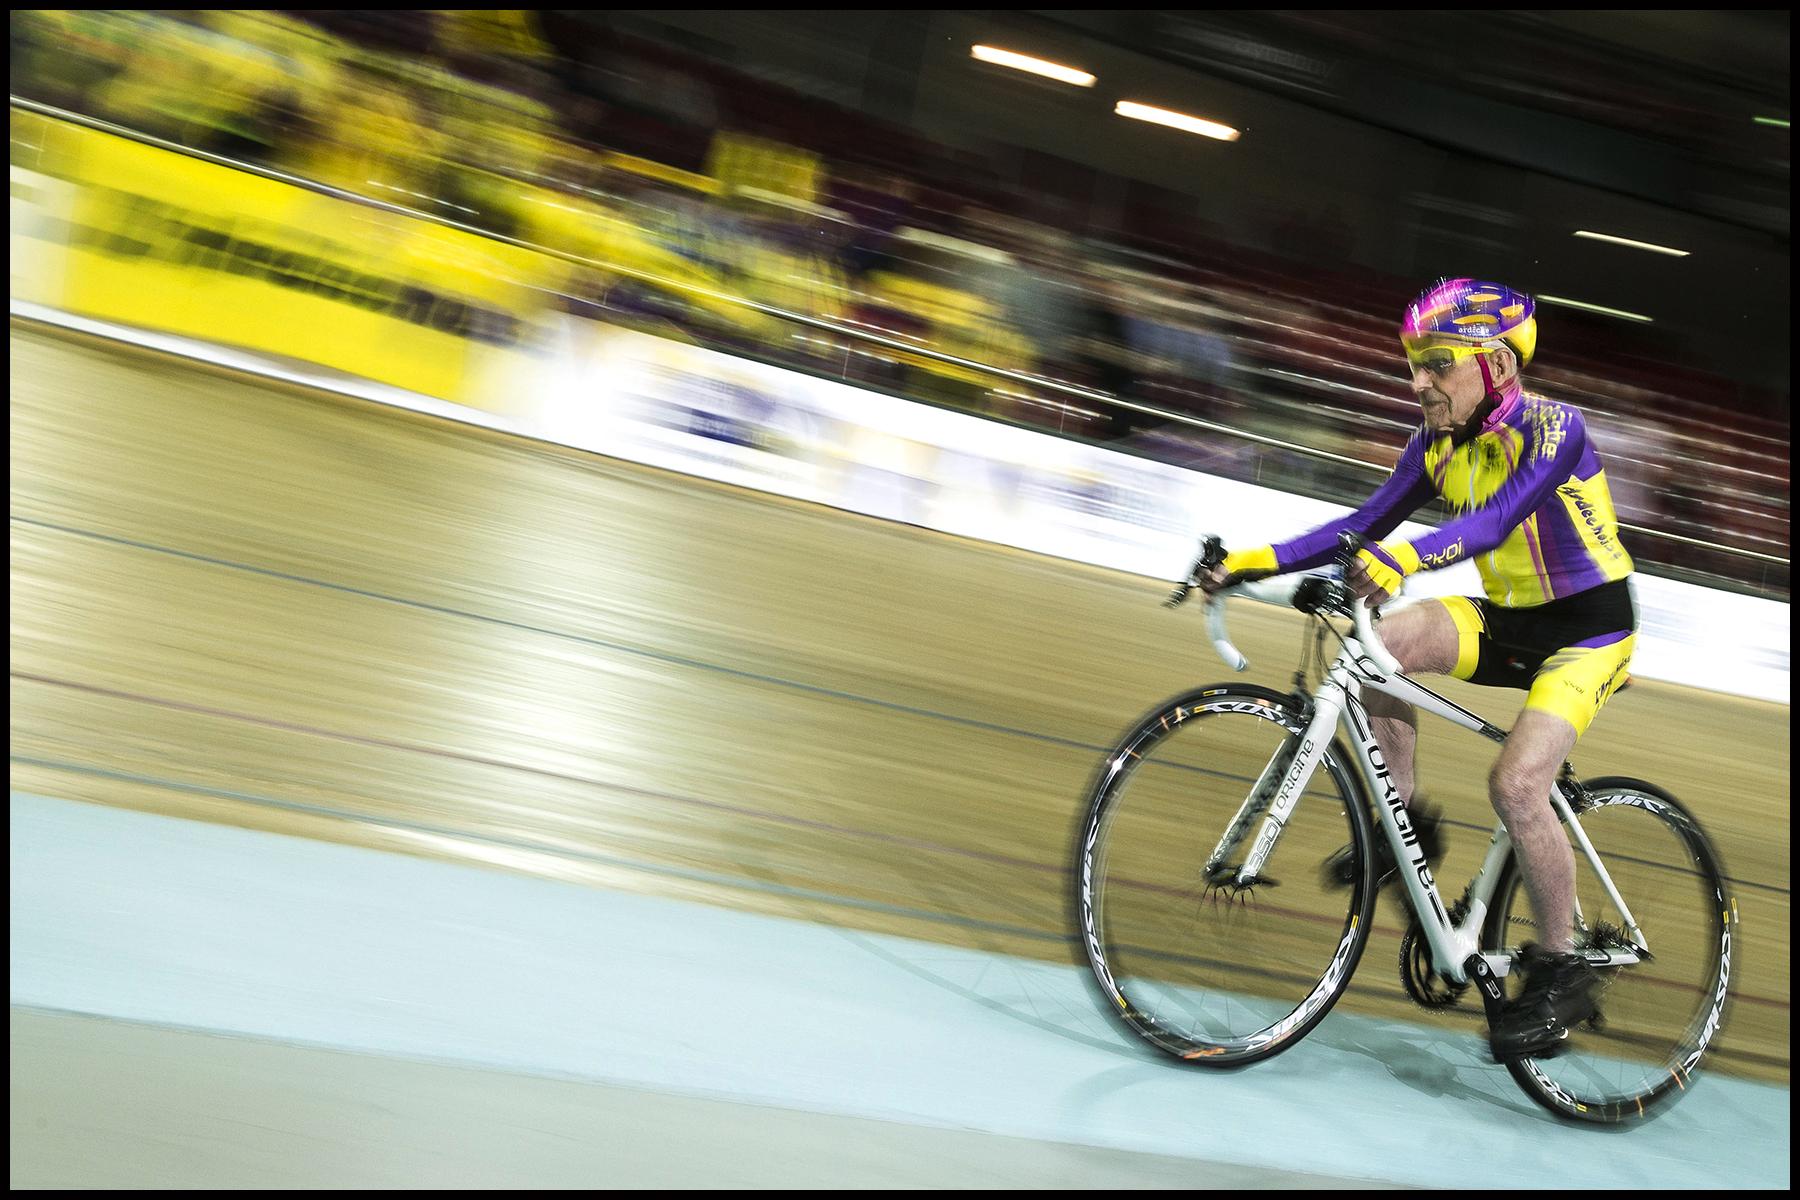 Robert MARCHAND, le cycliste français de105 ans a battu un nouveau record de l'heure dans sa catégorie : 22,547 kilomètres parcourus sur le vélodrome national de Saint-Quentin-en-Yvelines.